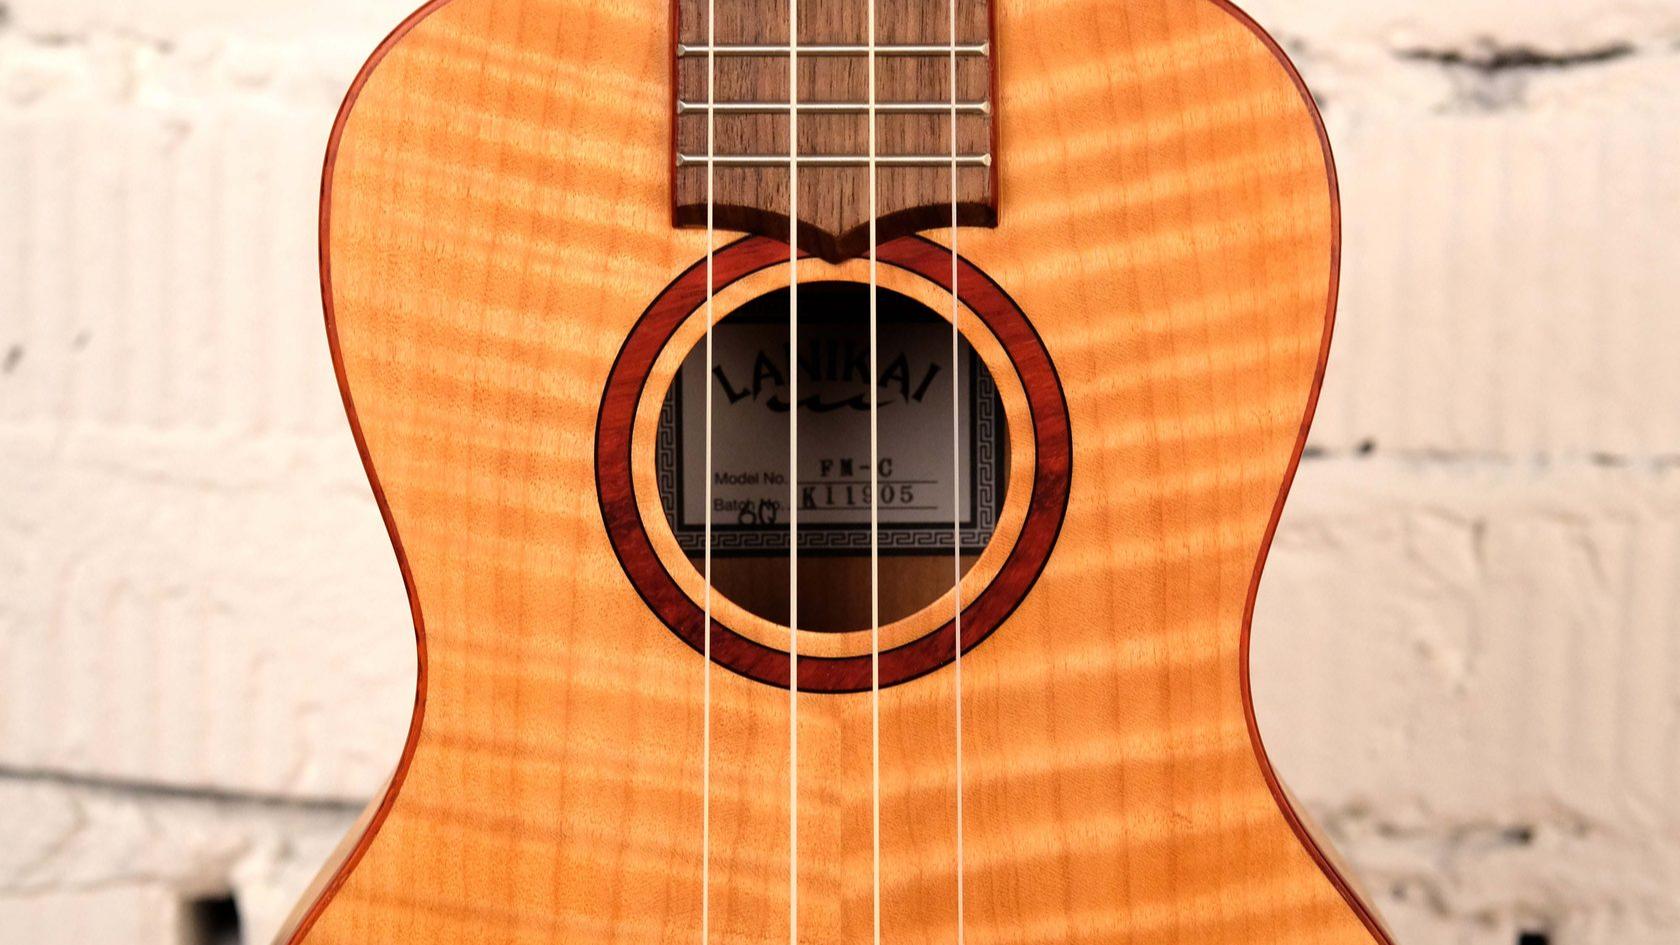 купить укулеле, магазин укулеле ukelovers, ukulele lanikai FM-C, укулеле концерт, клен